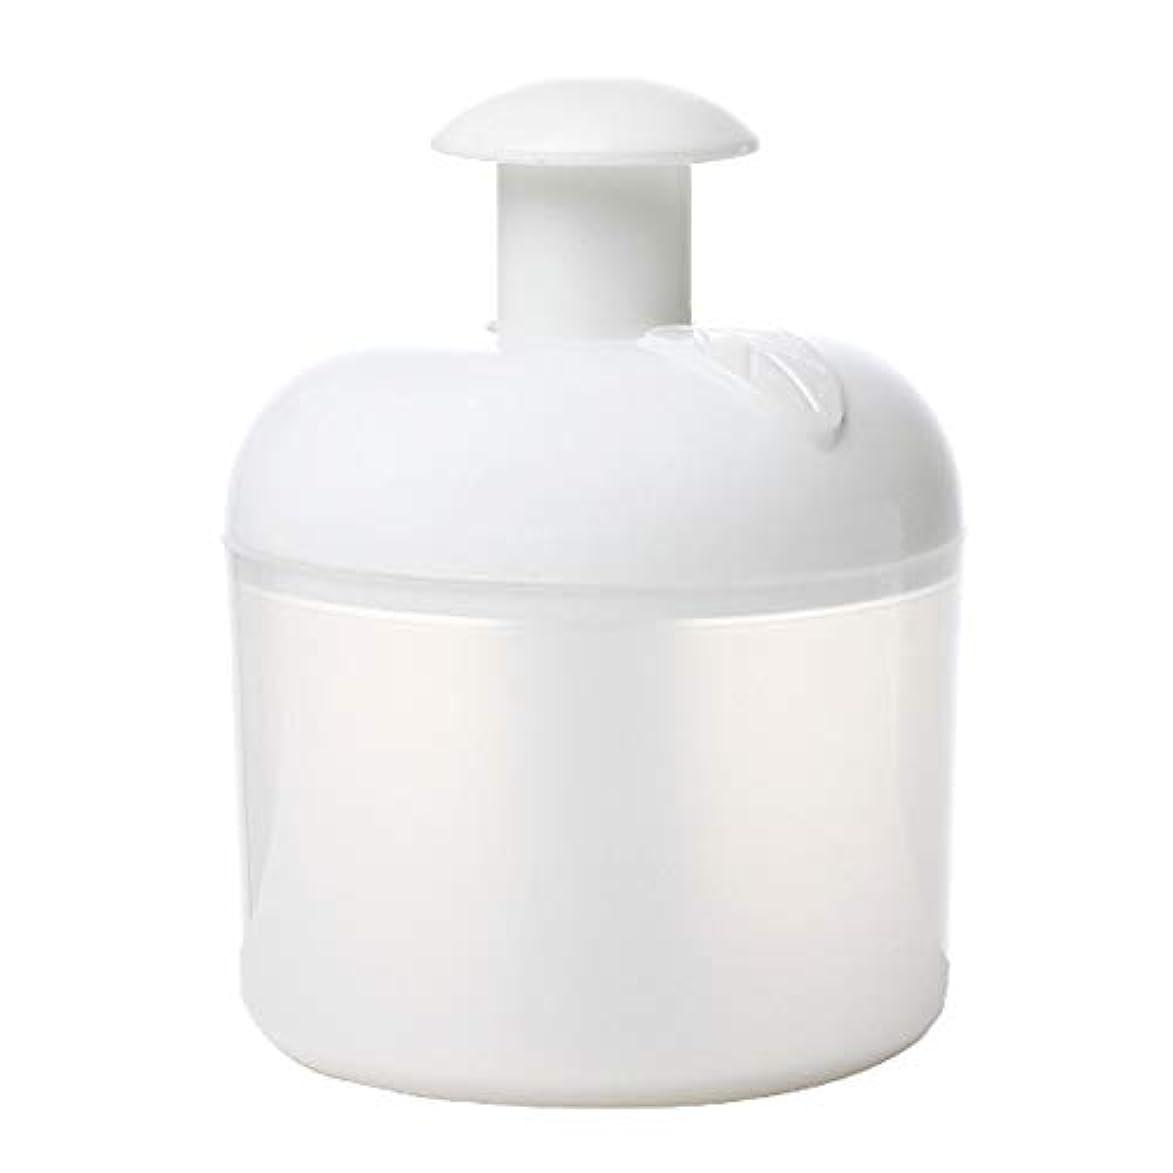 レタッチのぞき穴百科事典バブラー フェイシャルフォームメーカー バブルメーカーカップ フェイシャルスキンケ アクレンジングツール 洗顔用 白